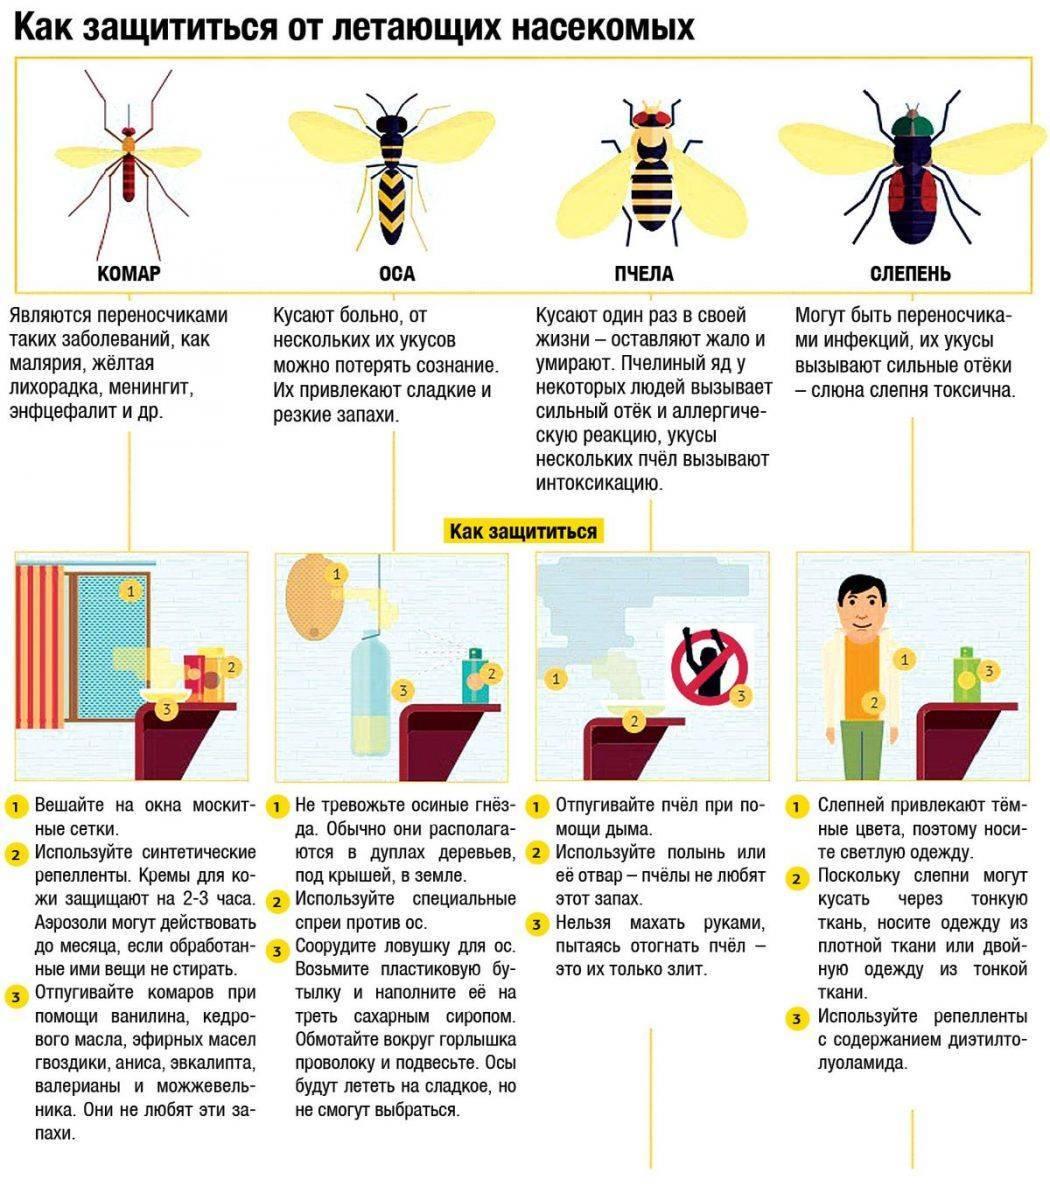 Оказание первой помощи при укусах насекомых: пчелы, осы, шершни, клещи